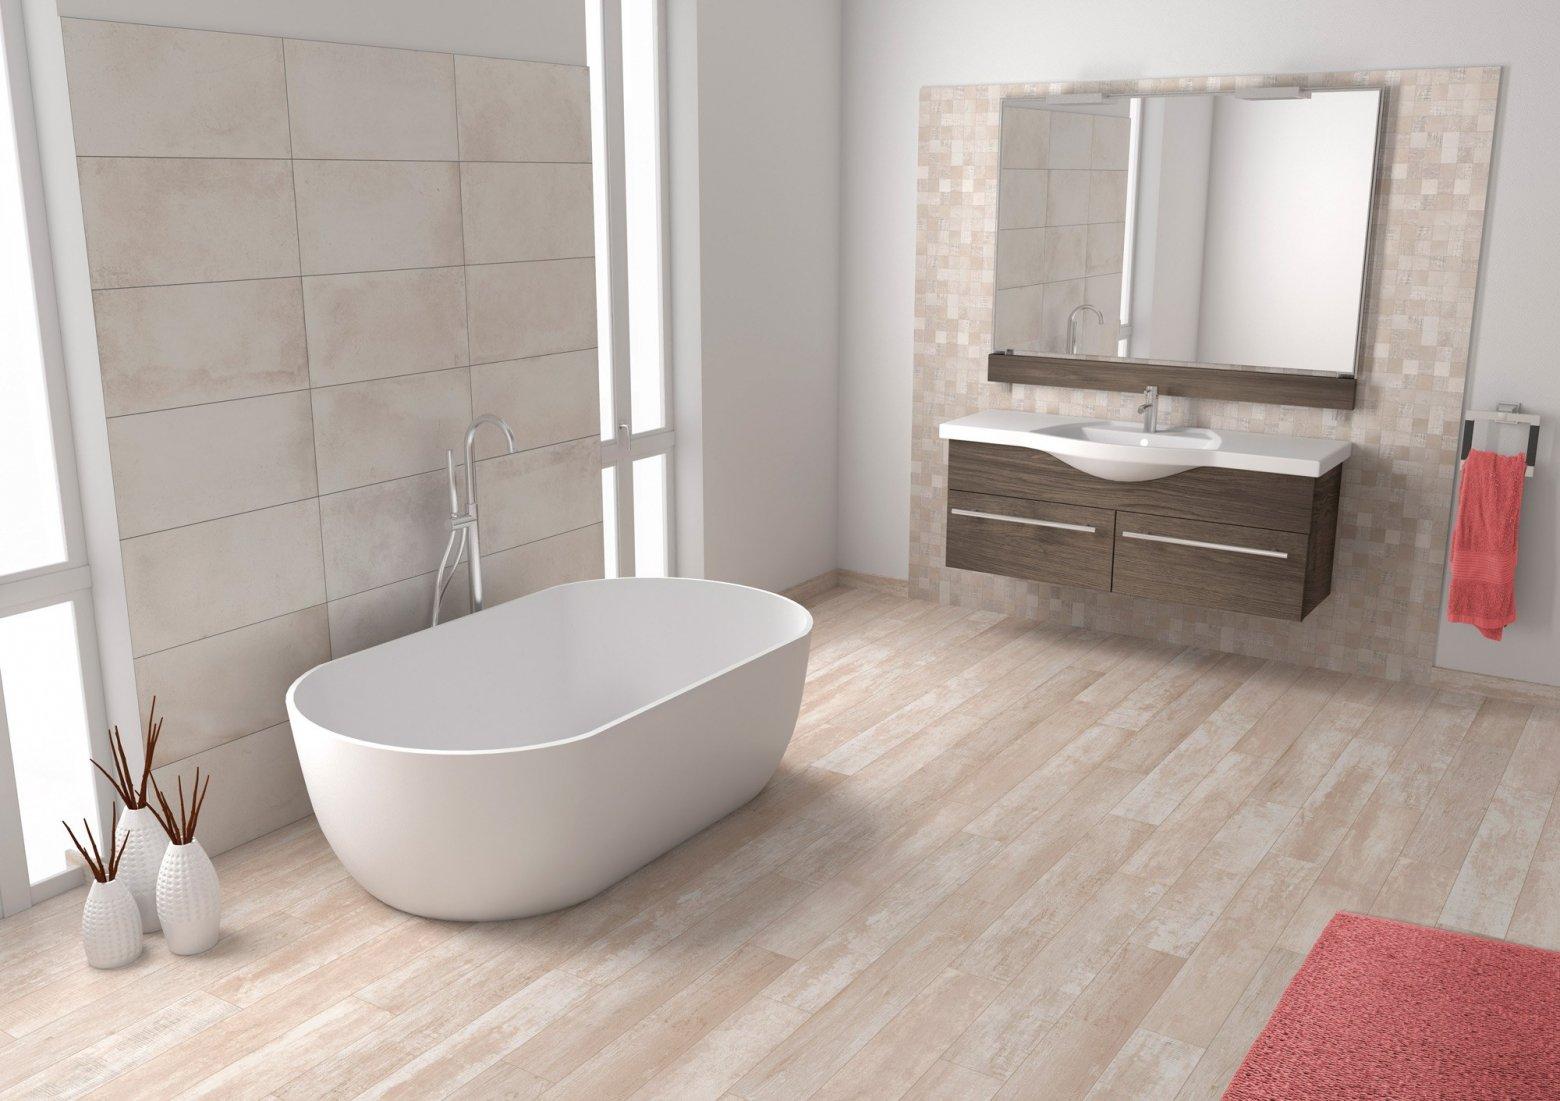 Keramisch Parket Badkamer : Badkamerrenovaties van calster: voor en na